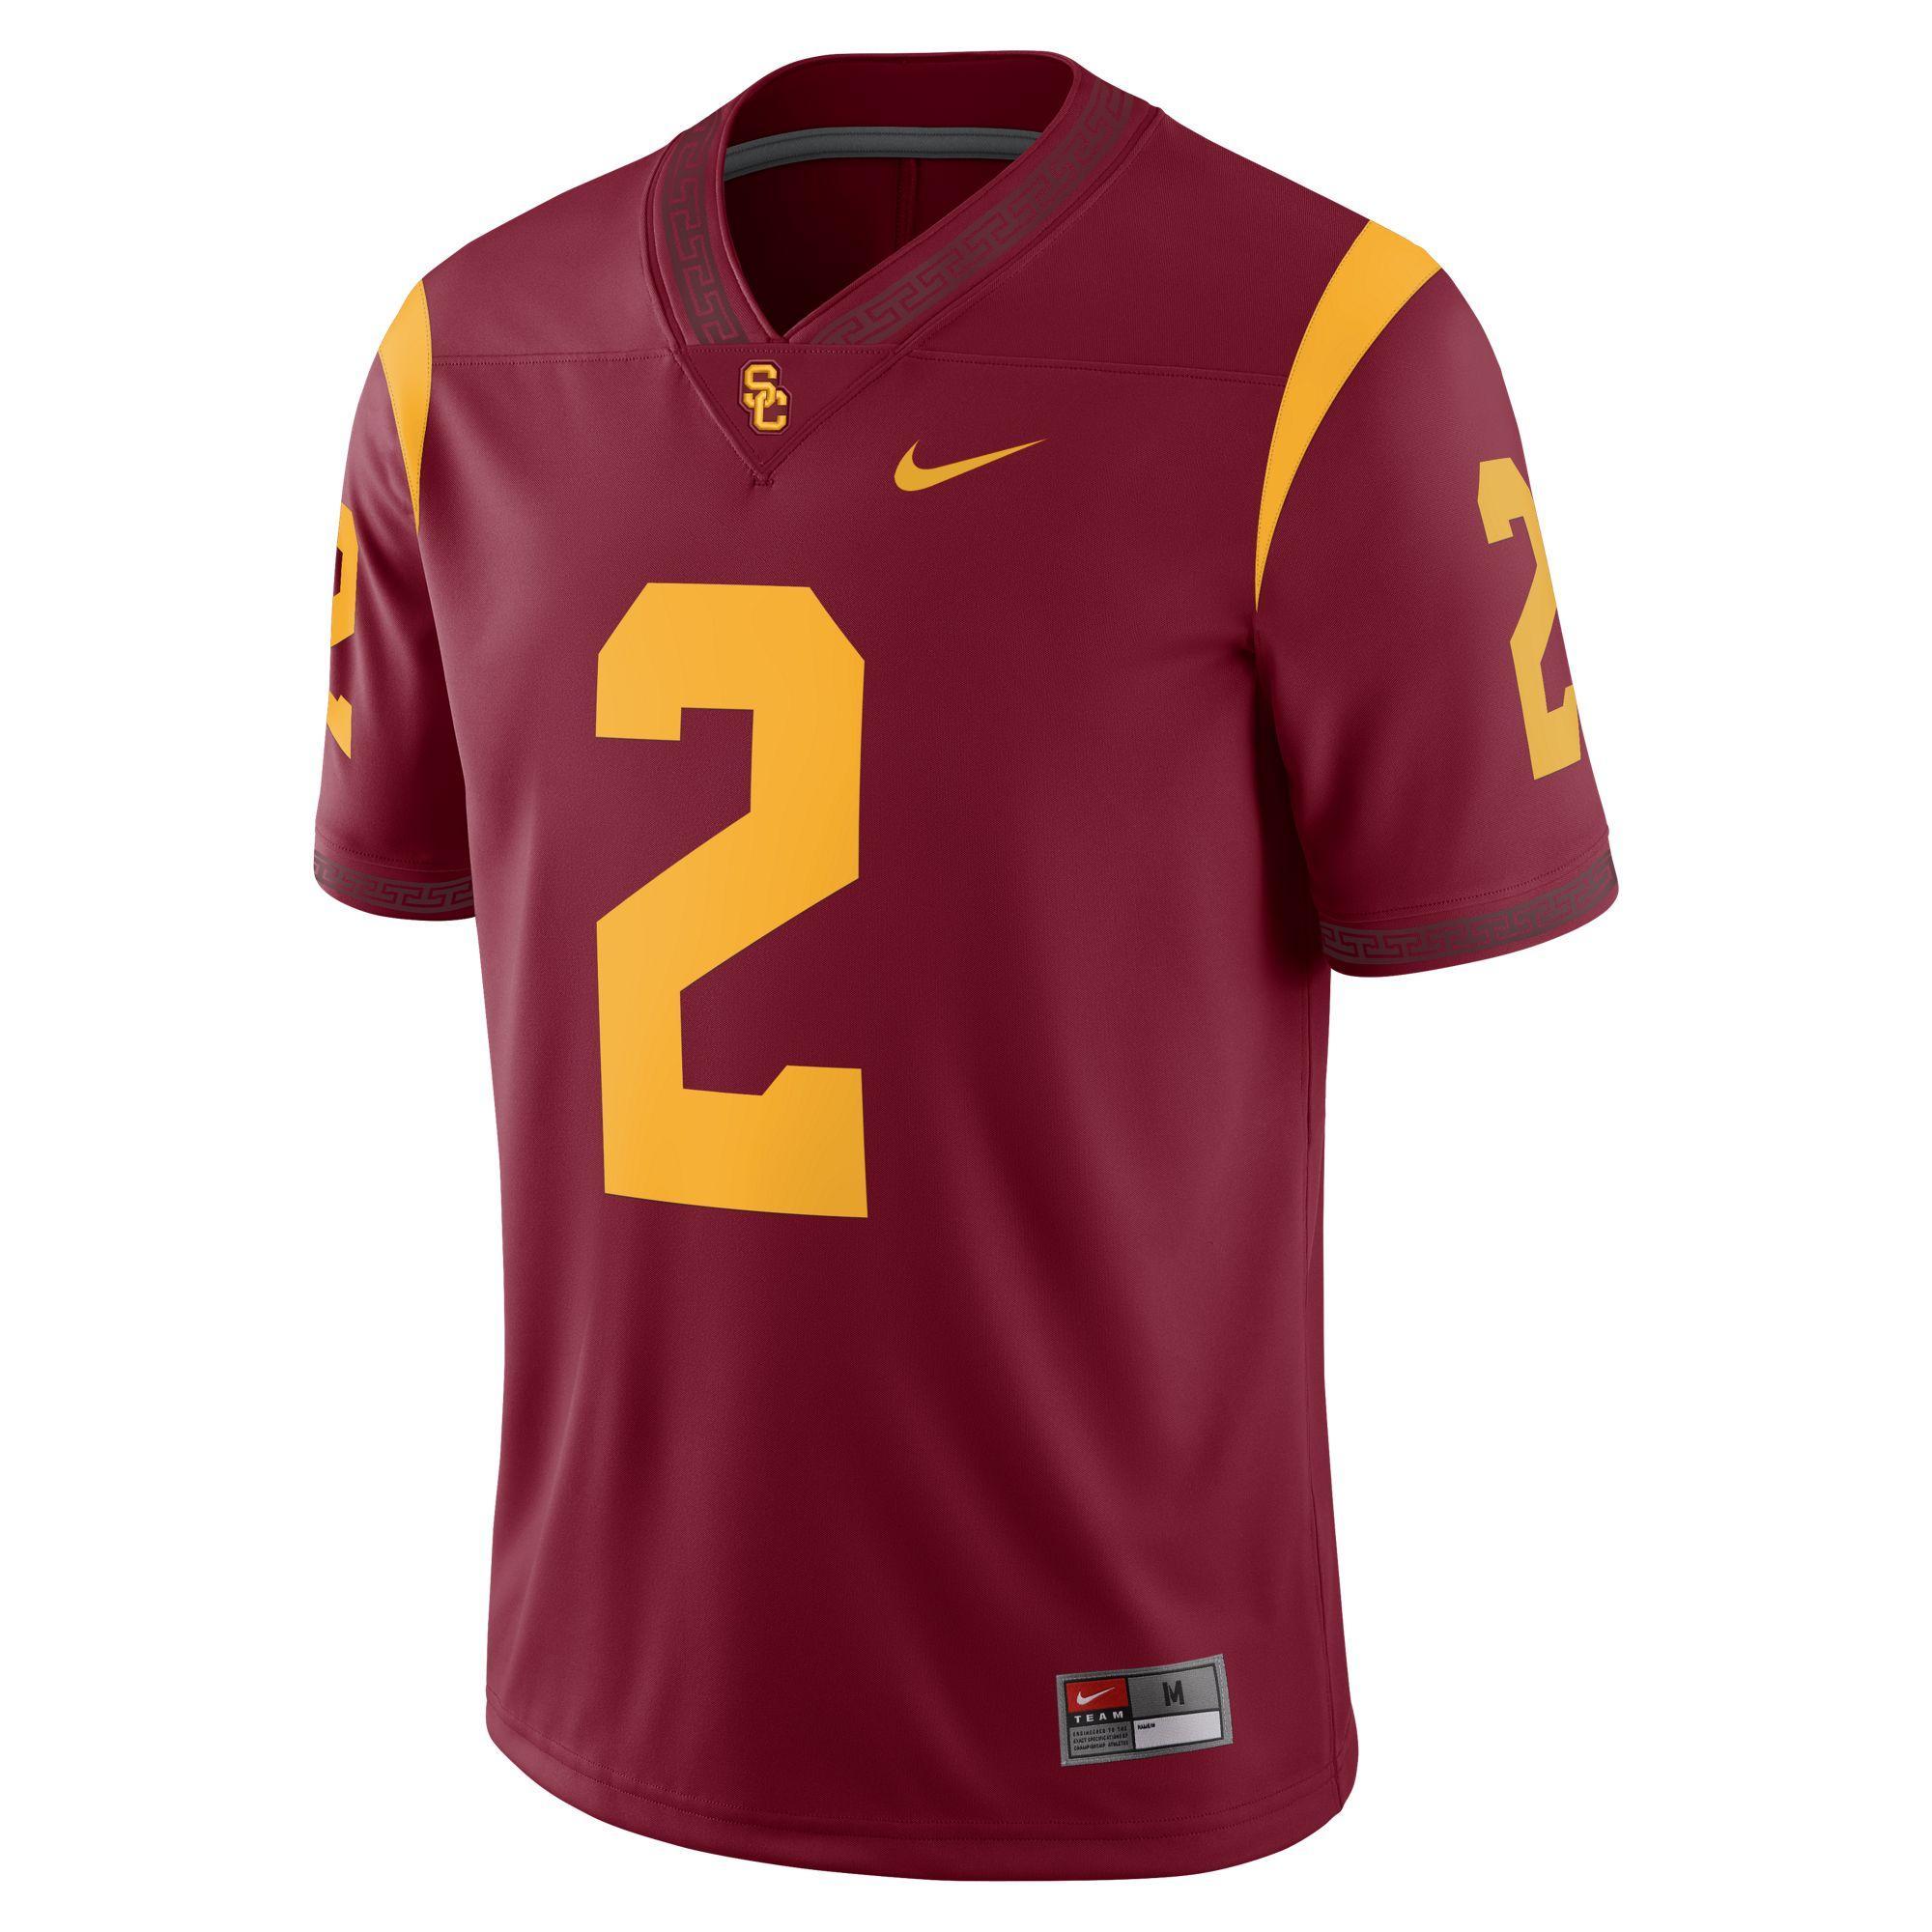 372d05277be Official USC Trojans Men's Jerseys, USC Football Jersey & USC ...